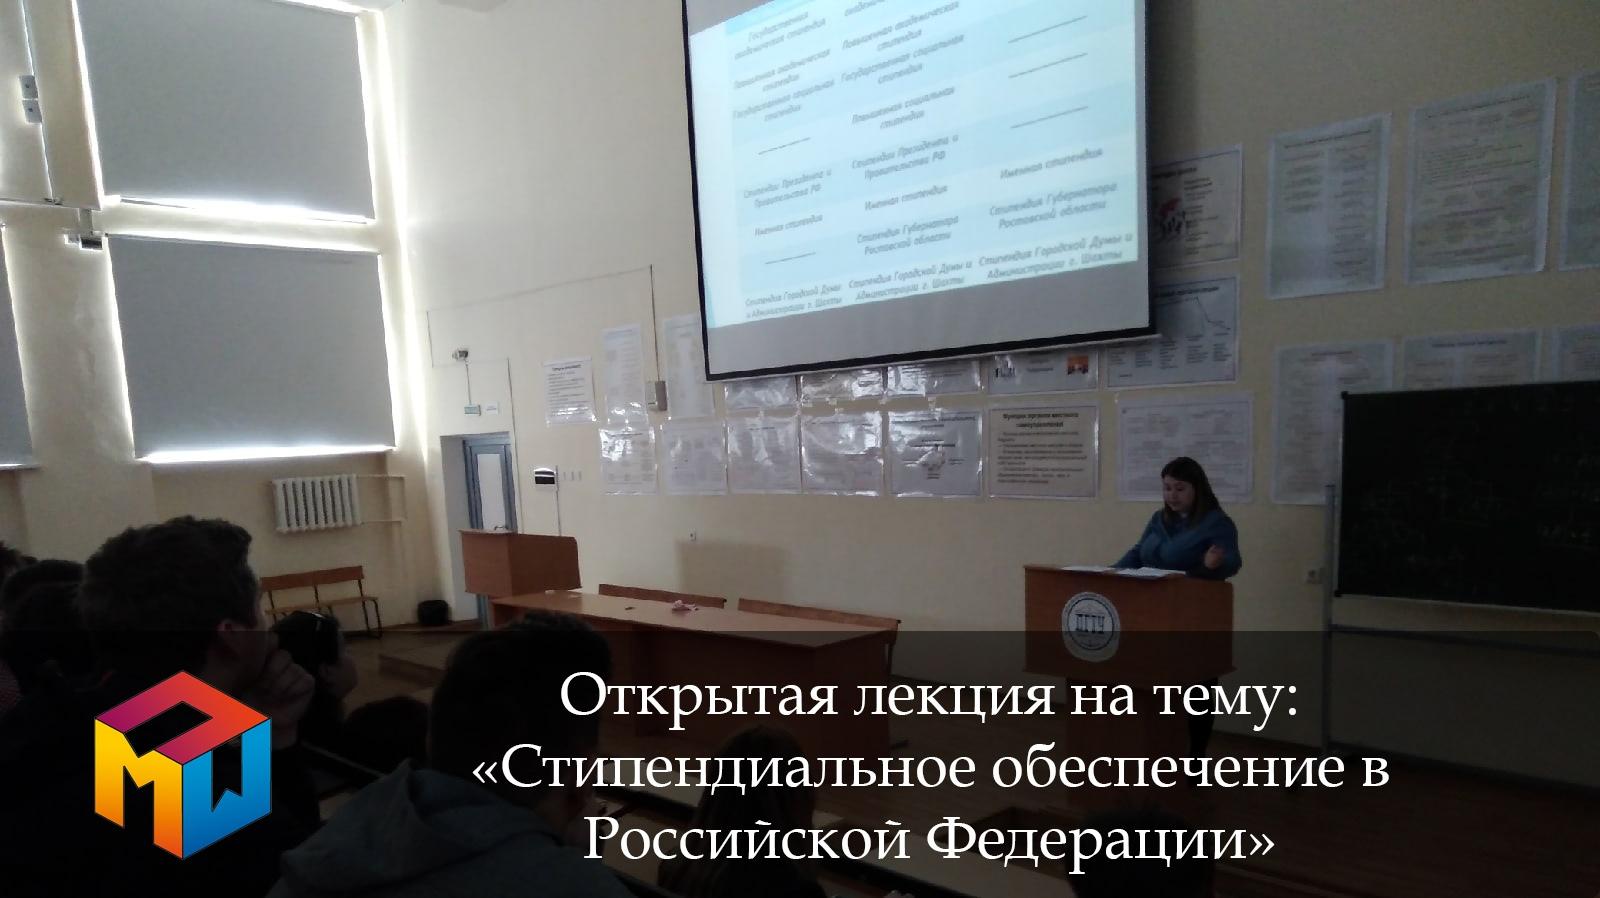 Стипендиальное обеспечение в Российской Федерации